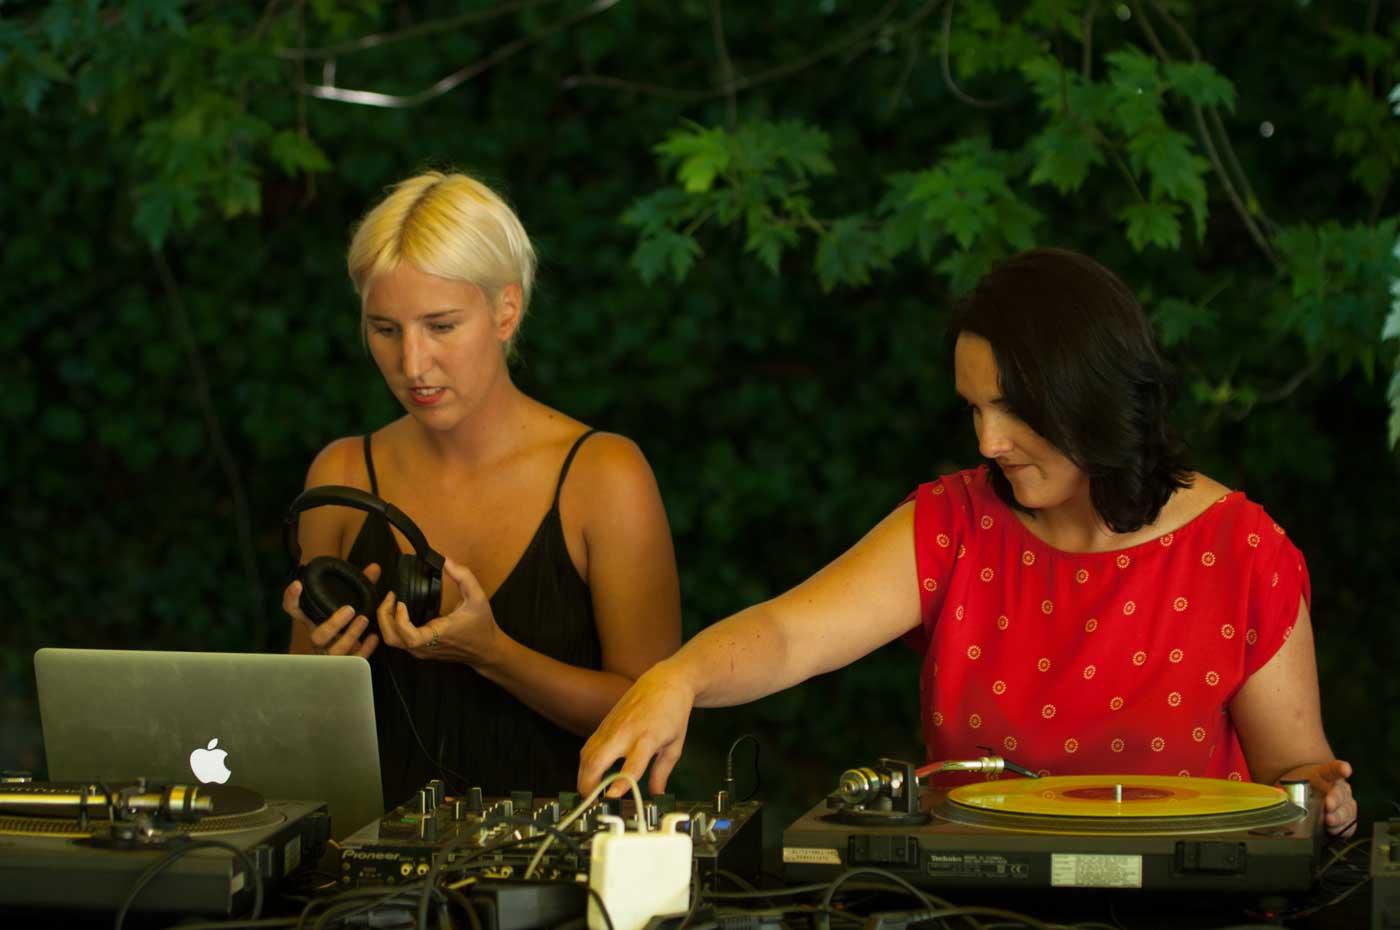 Las Marines DJs